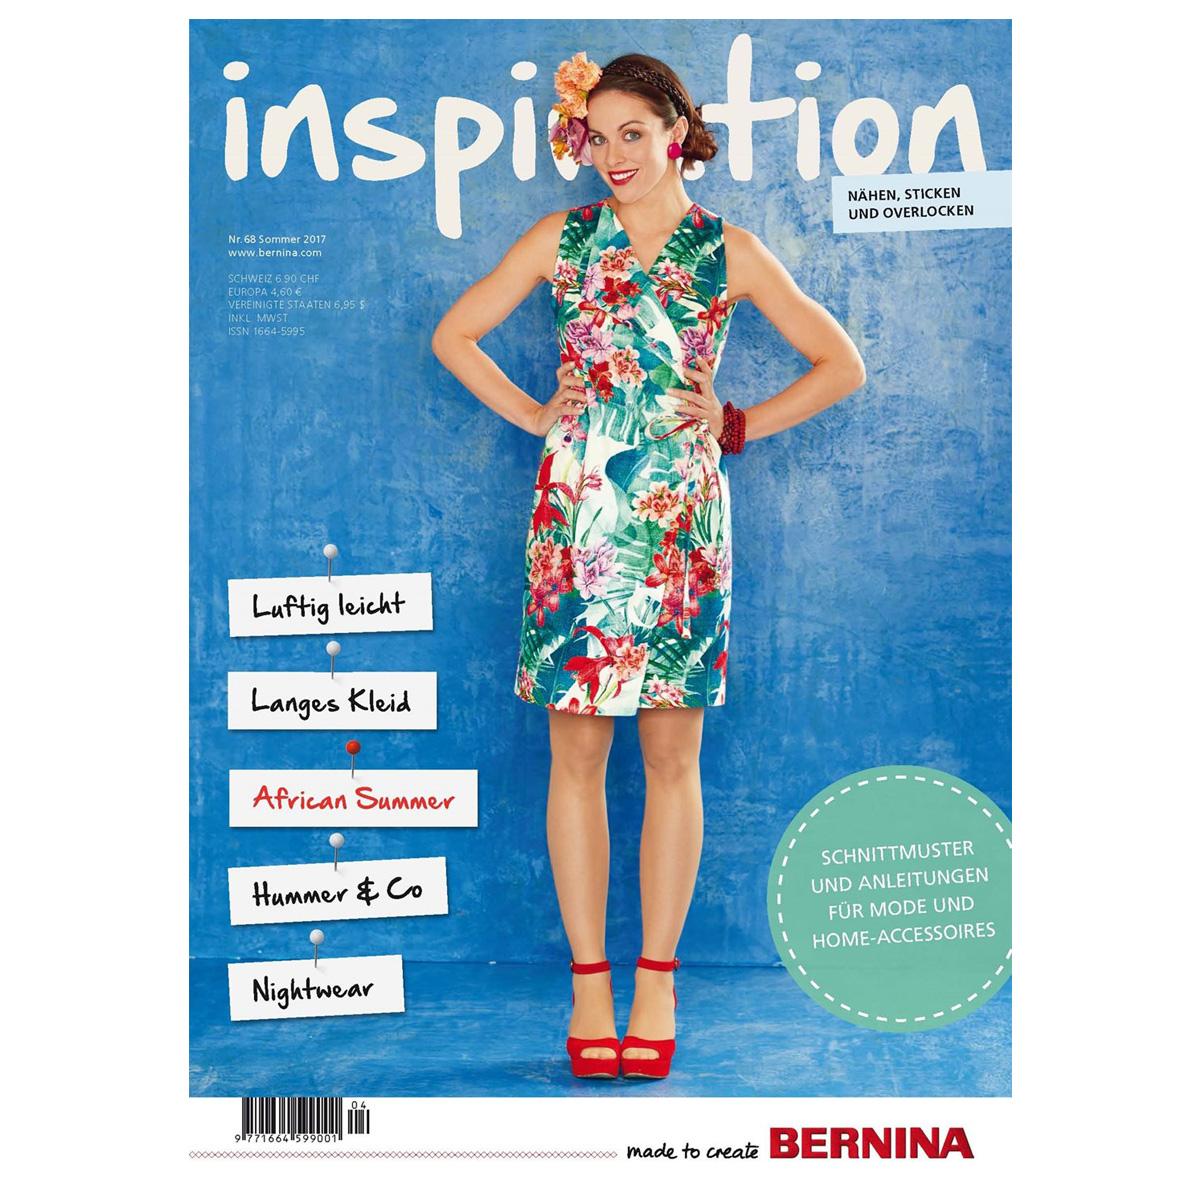 Bernina Inspiration Nr. 68 im nähPark kaufen